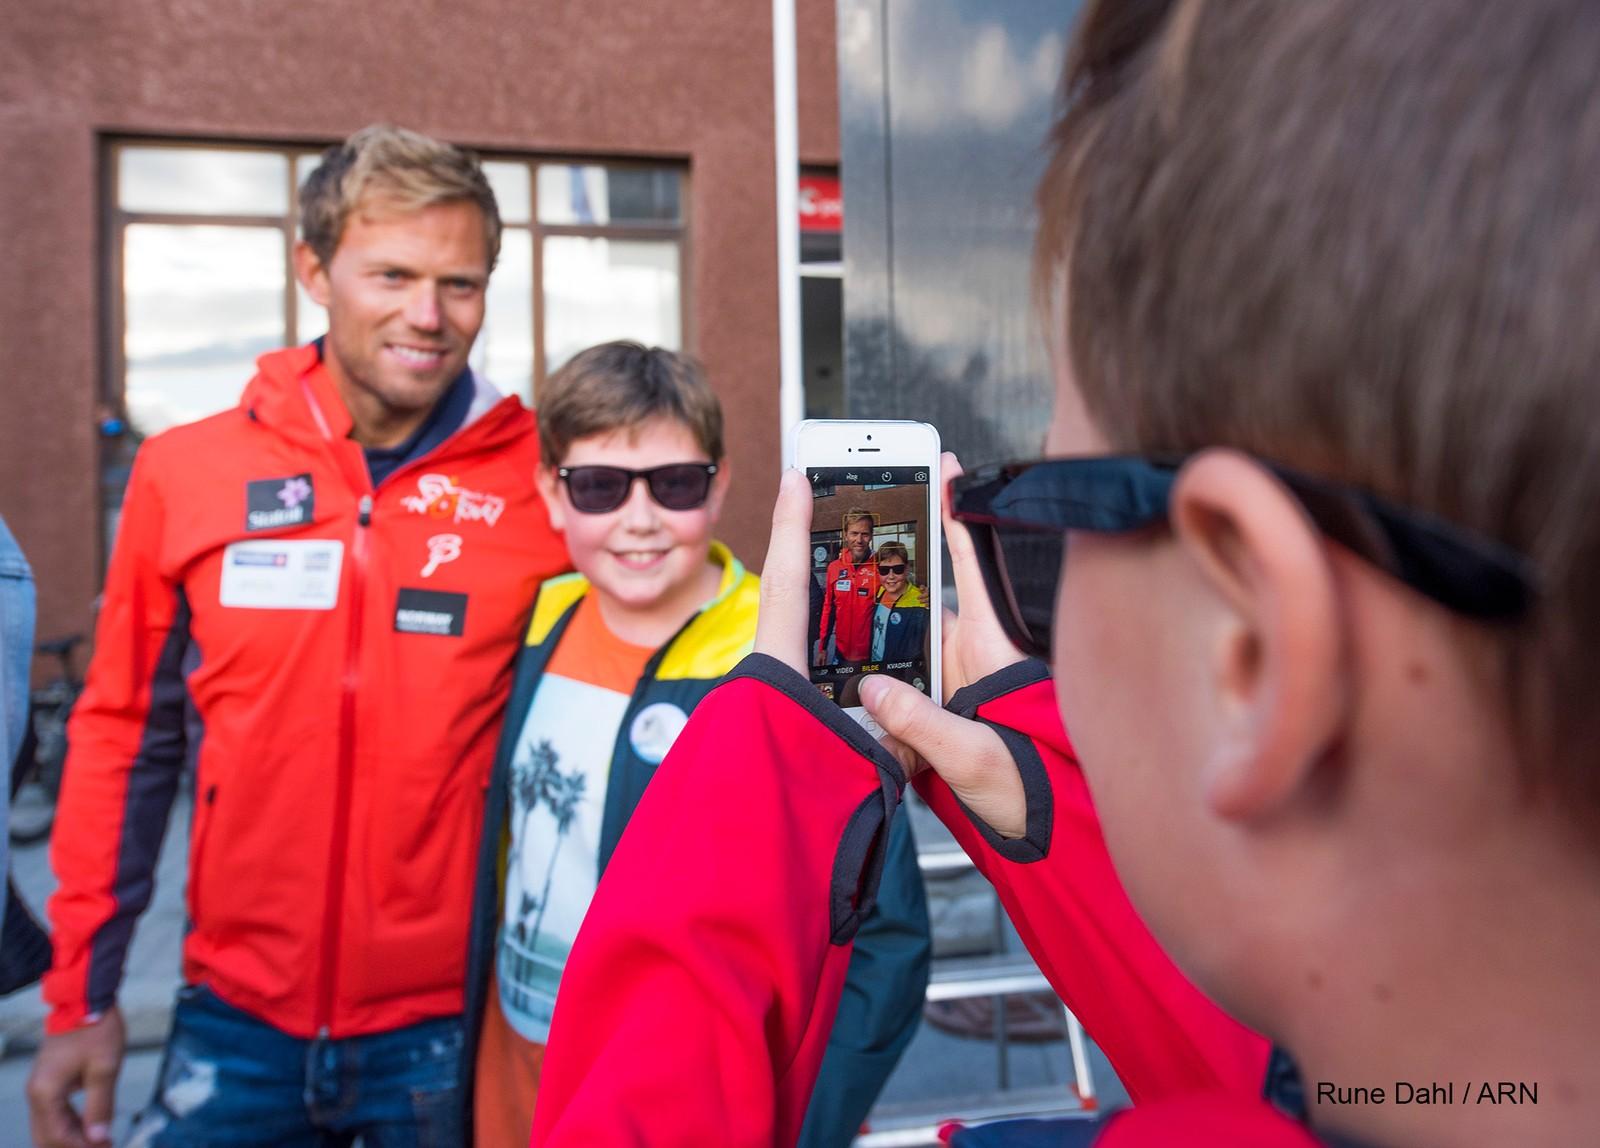 Mange ønsket å ta bilde med tidligere sykkelproff Thor Hushovd.